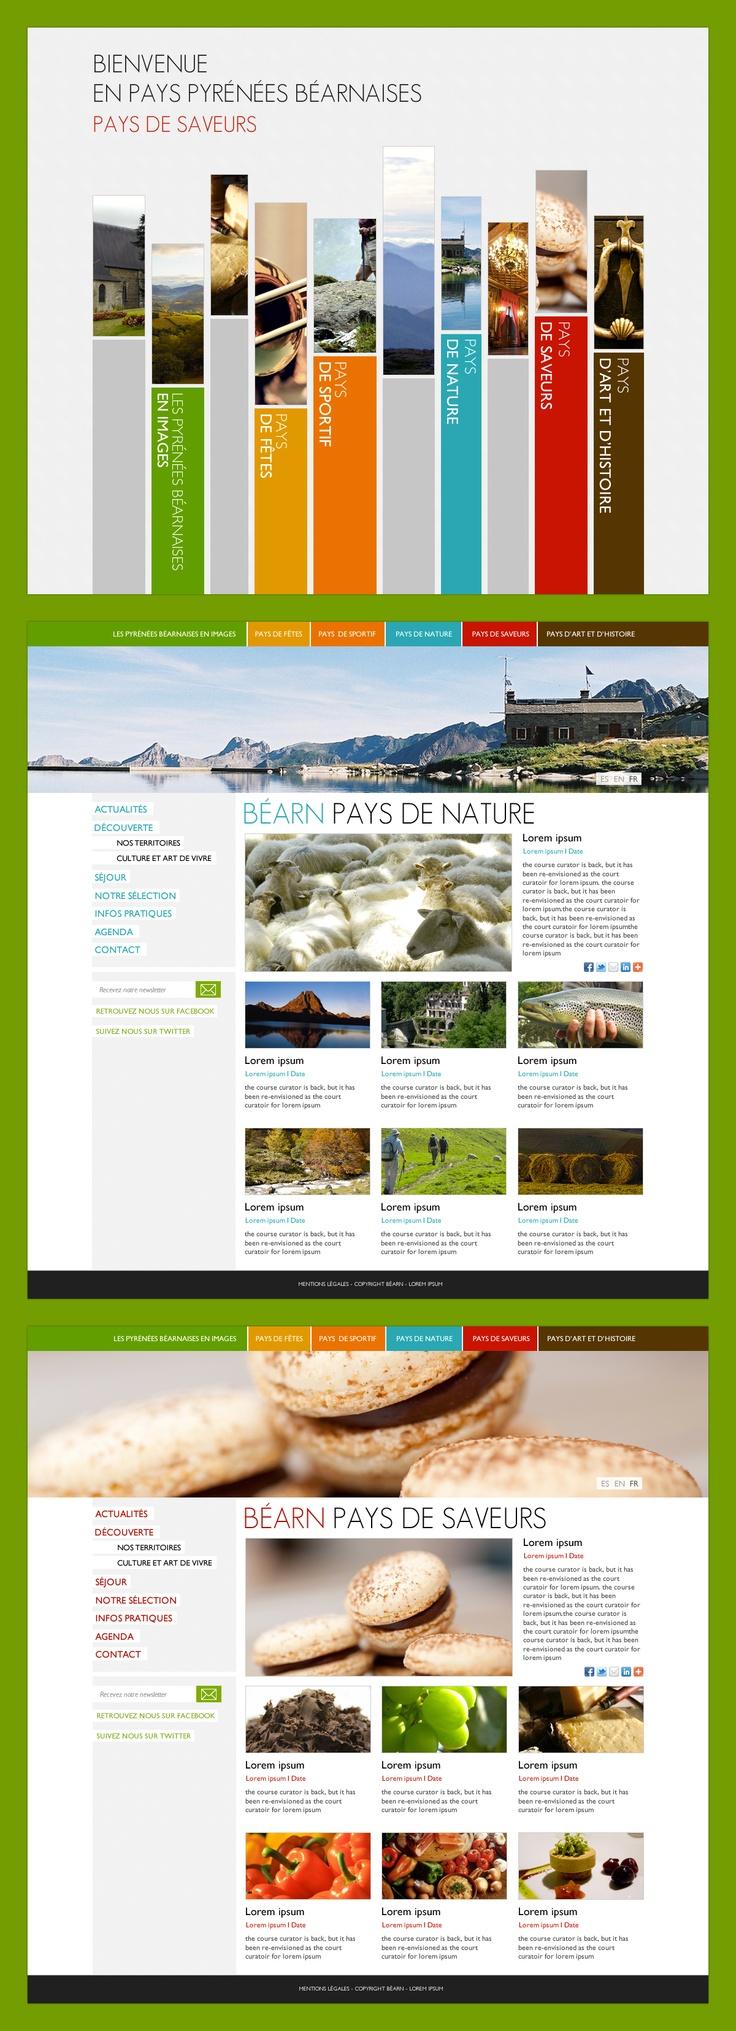 Appel d'Offre pour L'Office de Tourisme d'Oloron Sainte Marie. #website #design #UI #béarn #tourisme